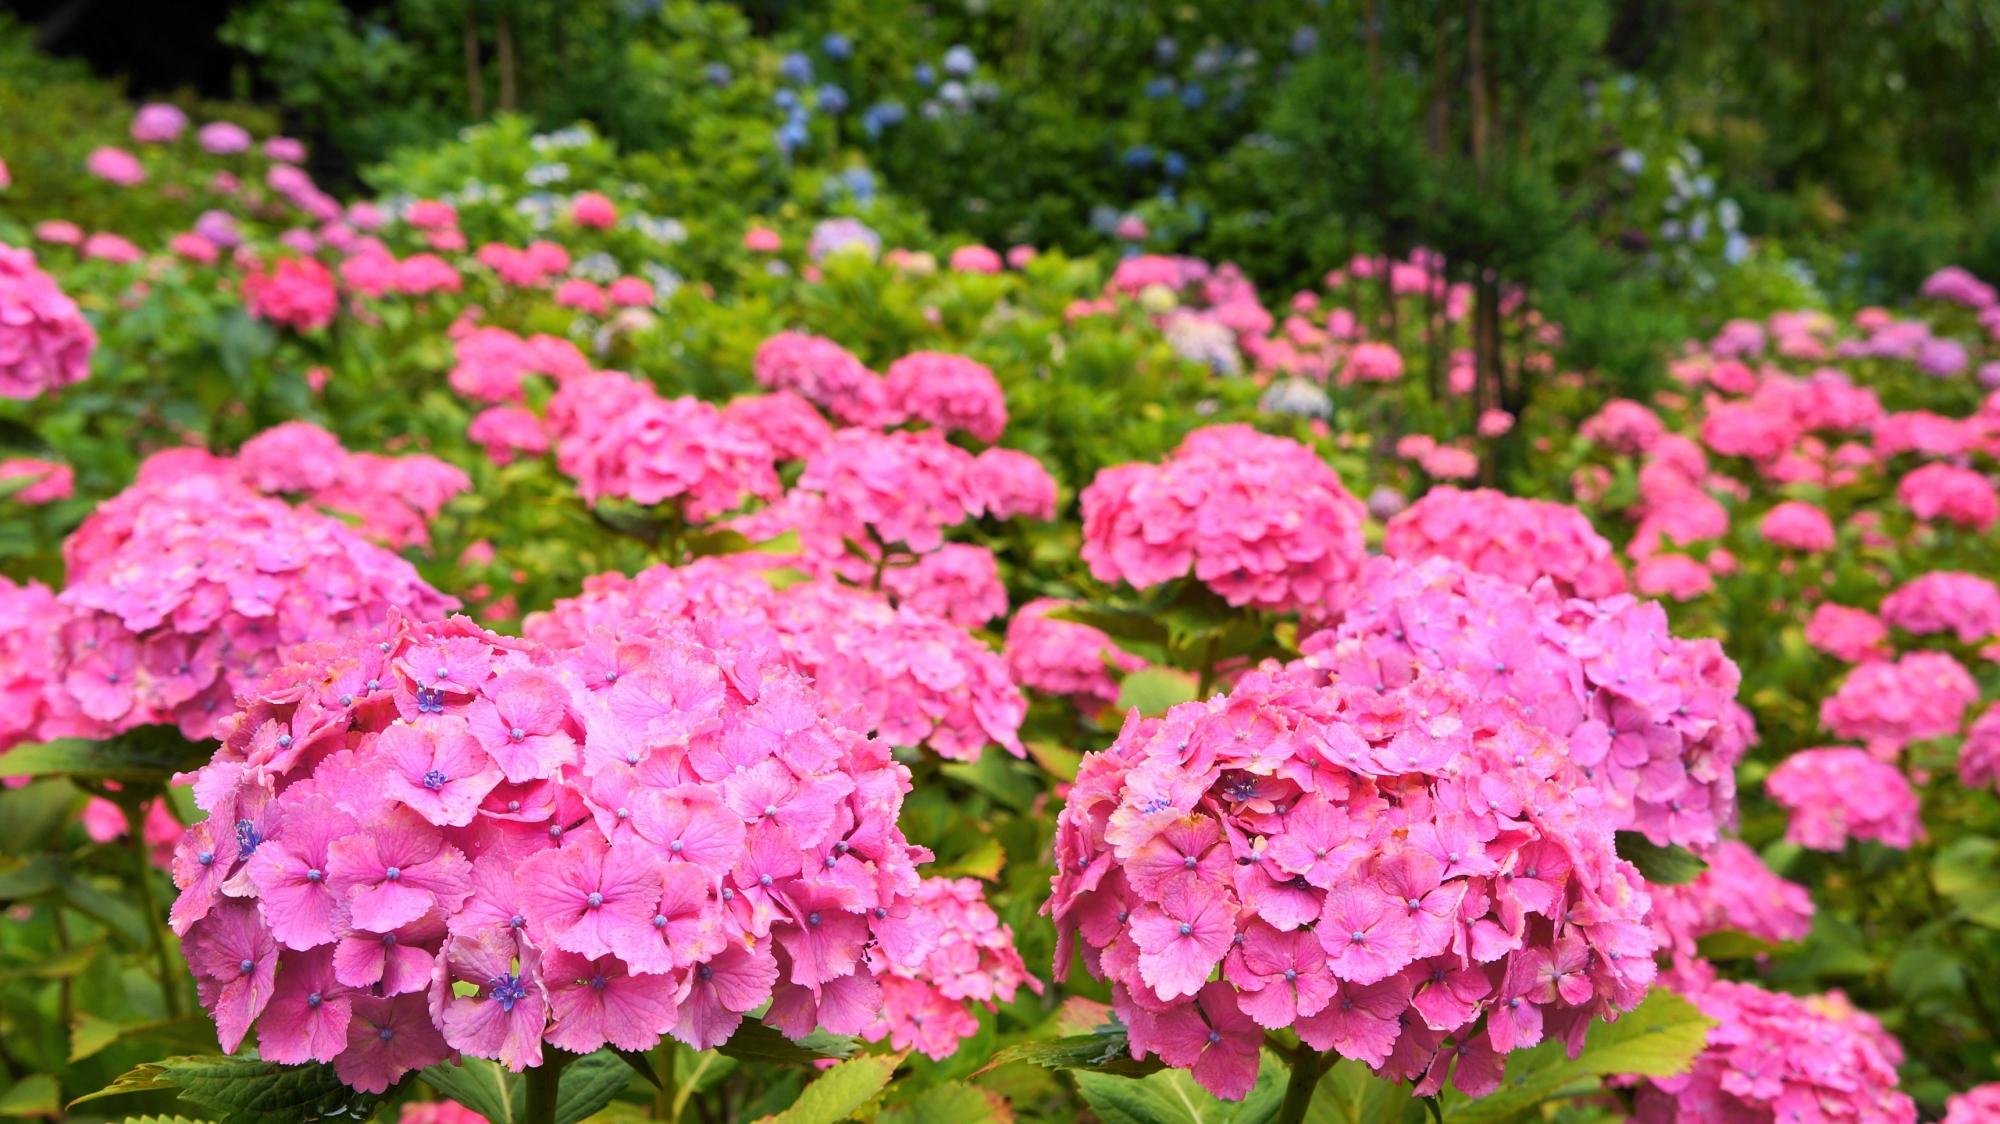 鮮やかなピンクの紫陽花に染まる初夏のあじさい苑